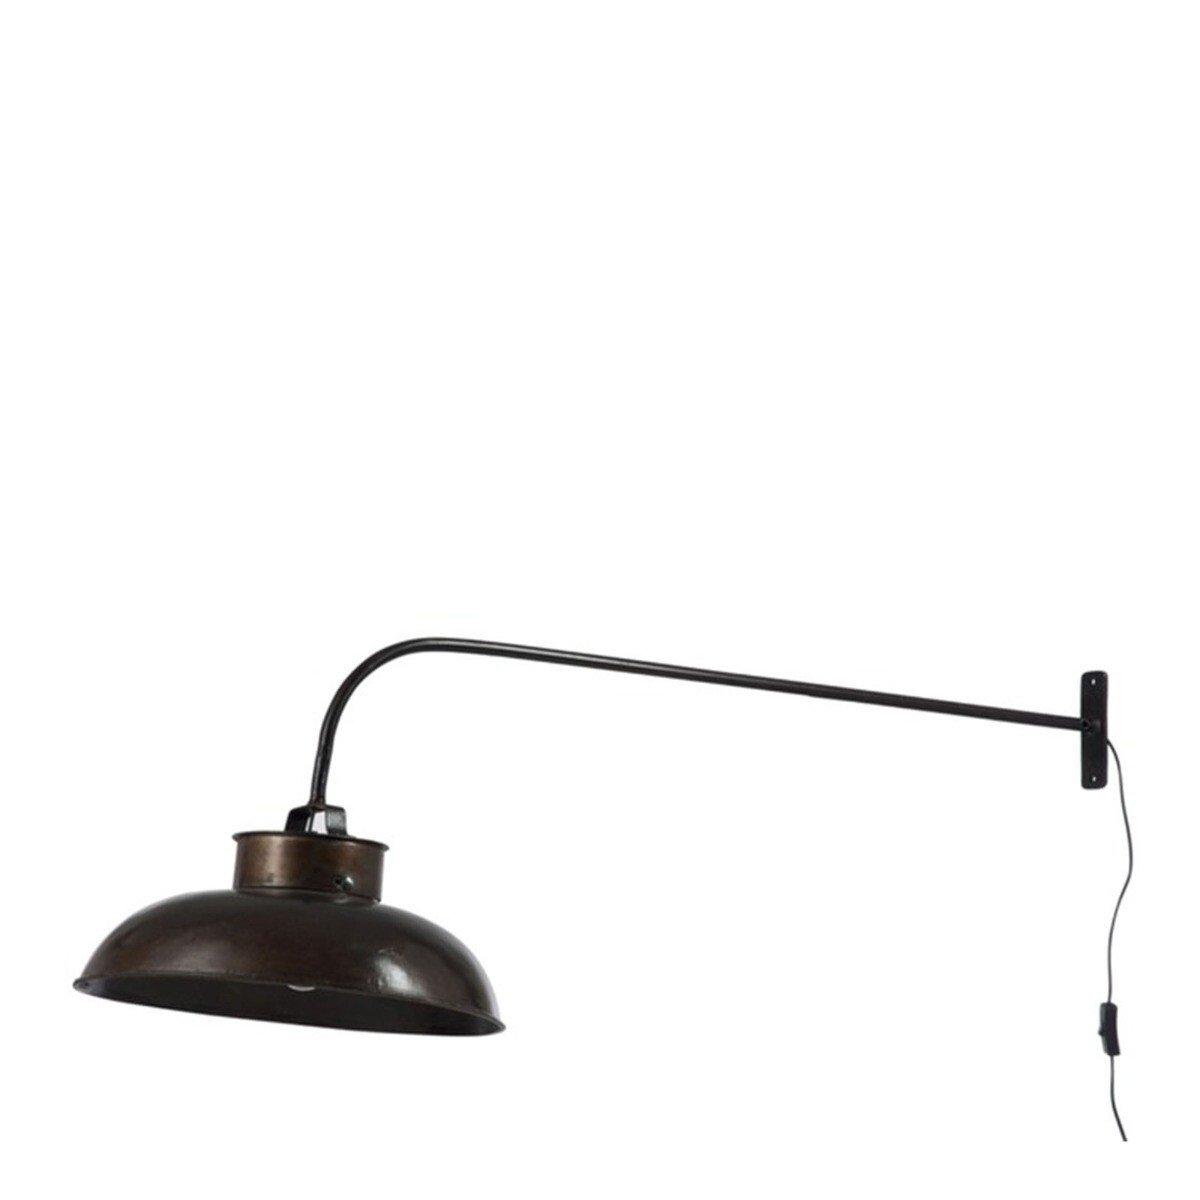 J-Line wandlamp lounge zwart 45 x 100 x 36.5